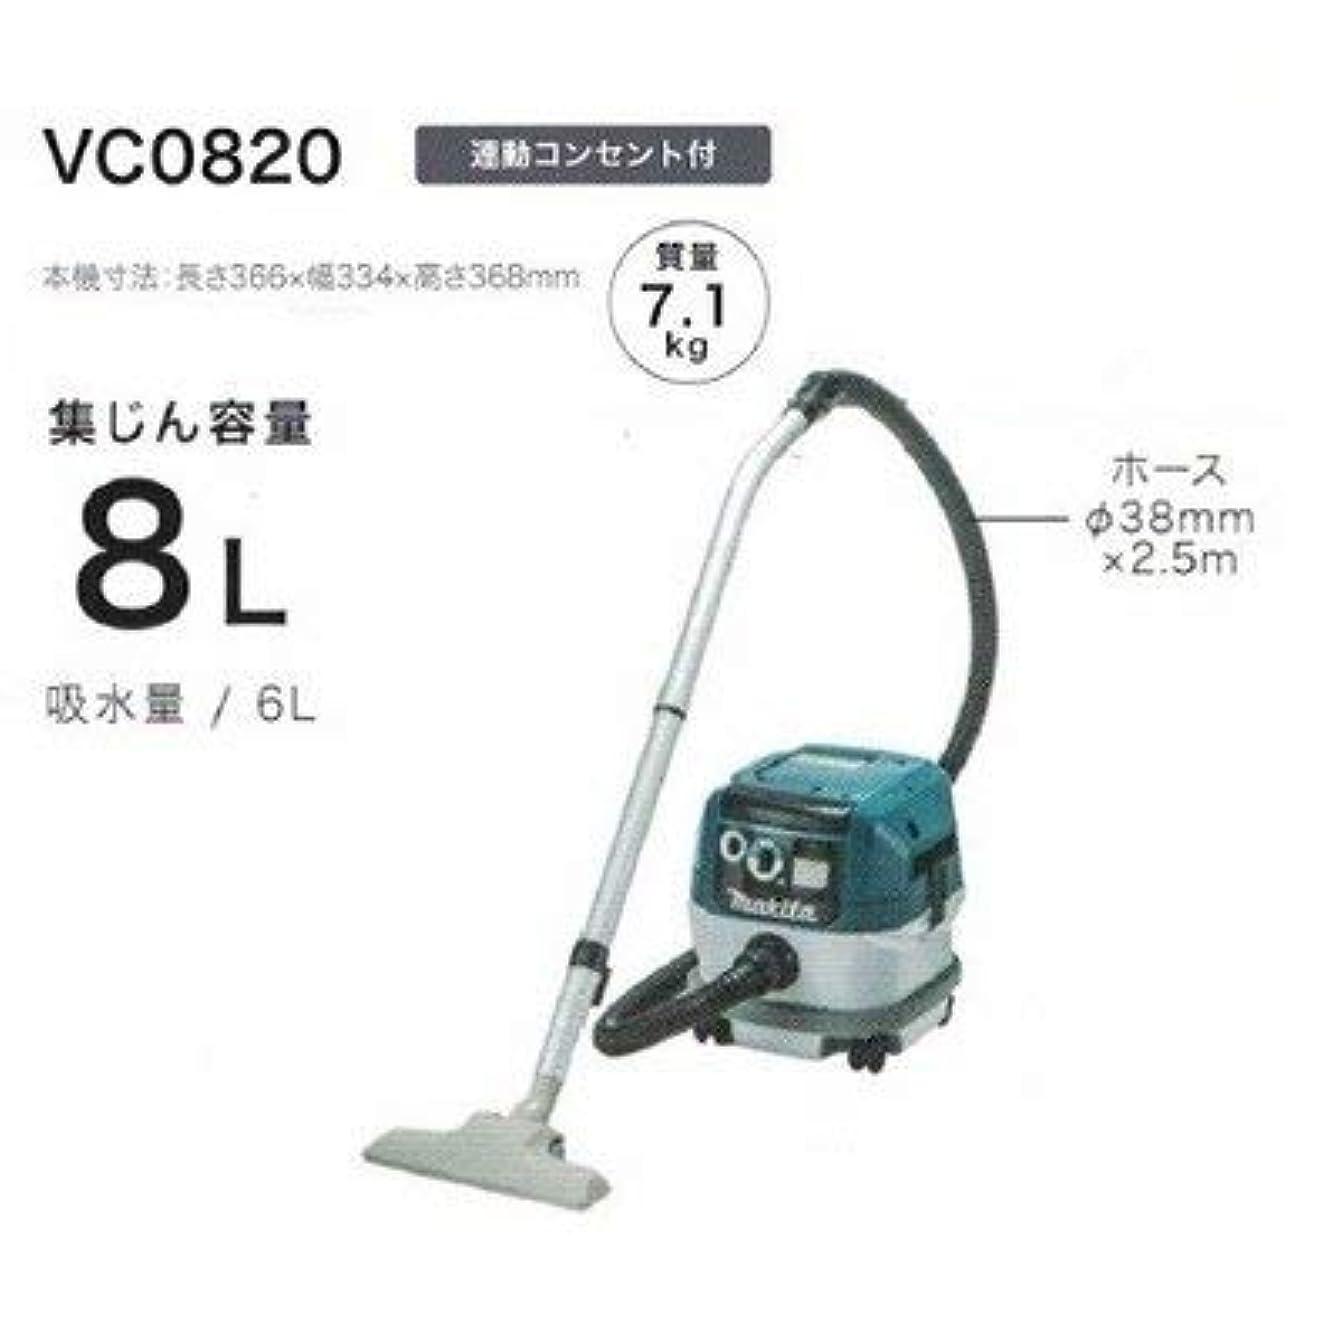 バッテリーおかしいご予約マキタ(Makita) 集じん機(乾湿両用) 8L VC0820